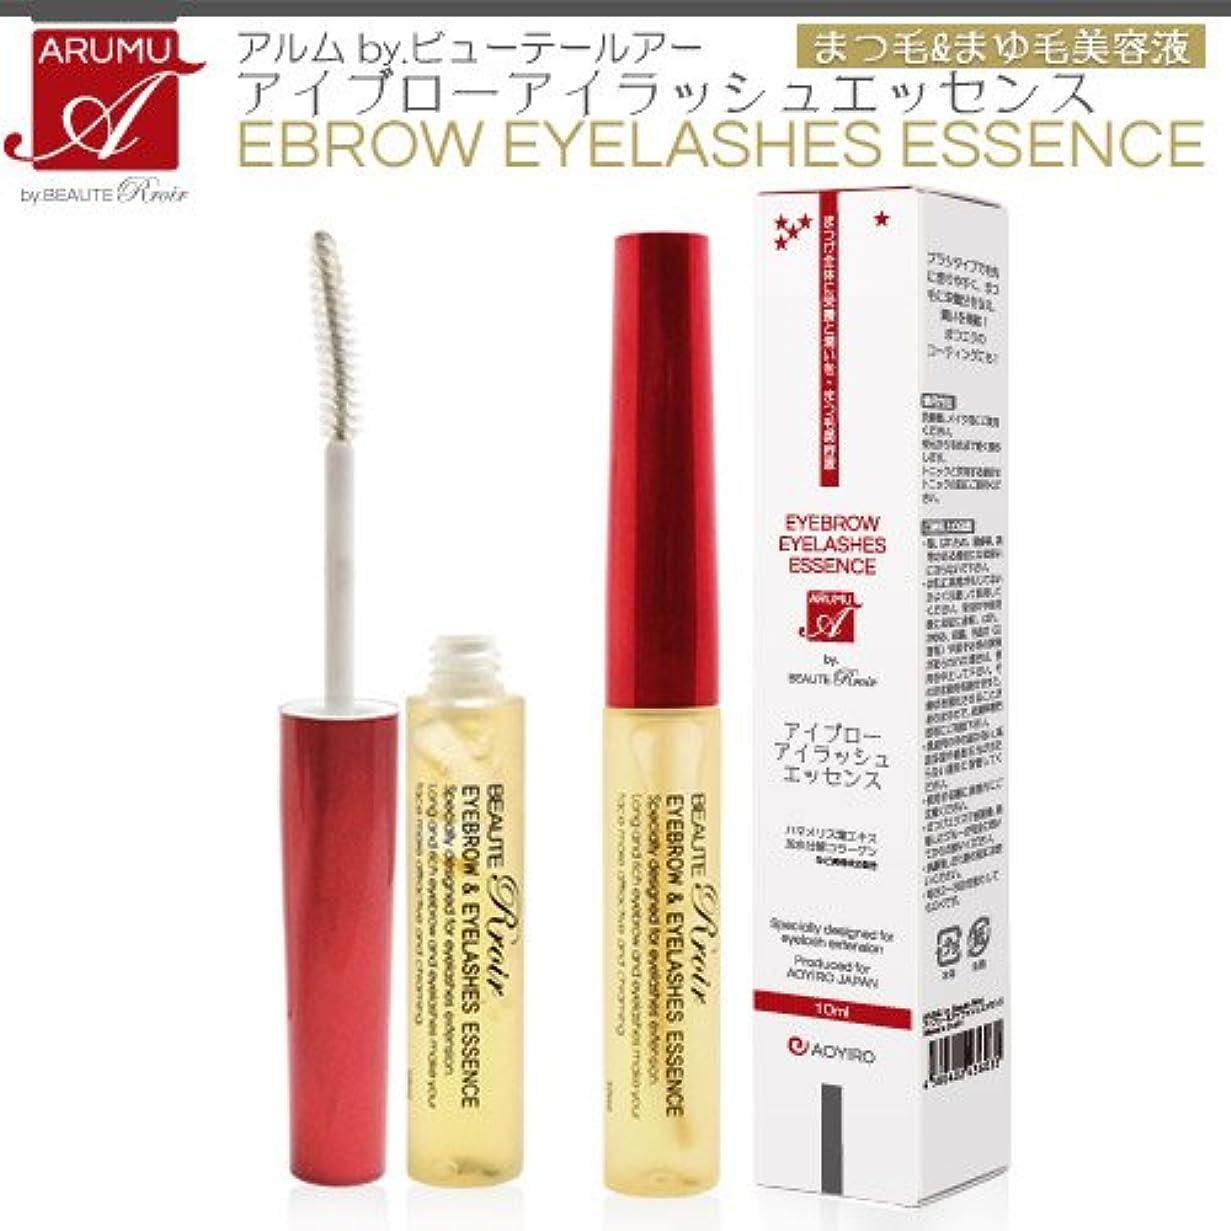 原油持っているもっと少なくまつげエッセンス(10ml)(赤蓋、ブラシタイプ)[アルム by.ビューテールアー]、まつげ、美容液、まつ毛、エッセンス、まつエク、睫毛、マスカラ、美睫毛、コーティング剤、トリートメント